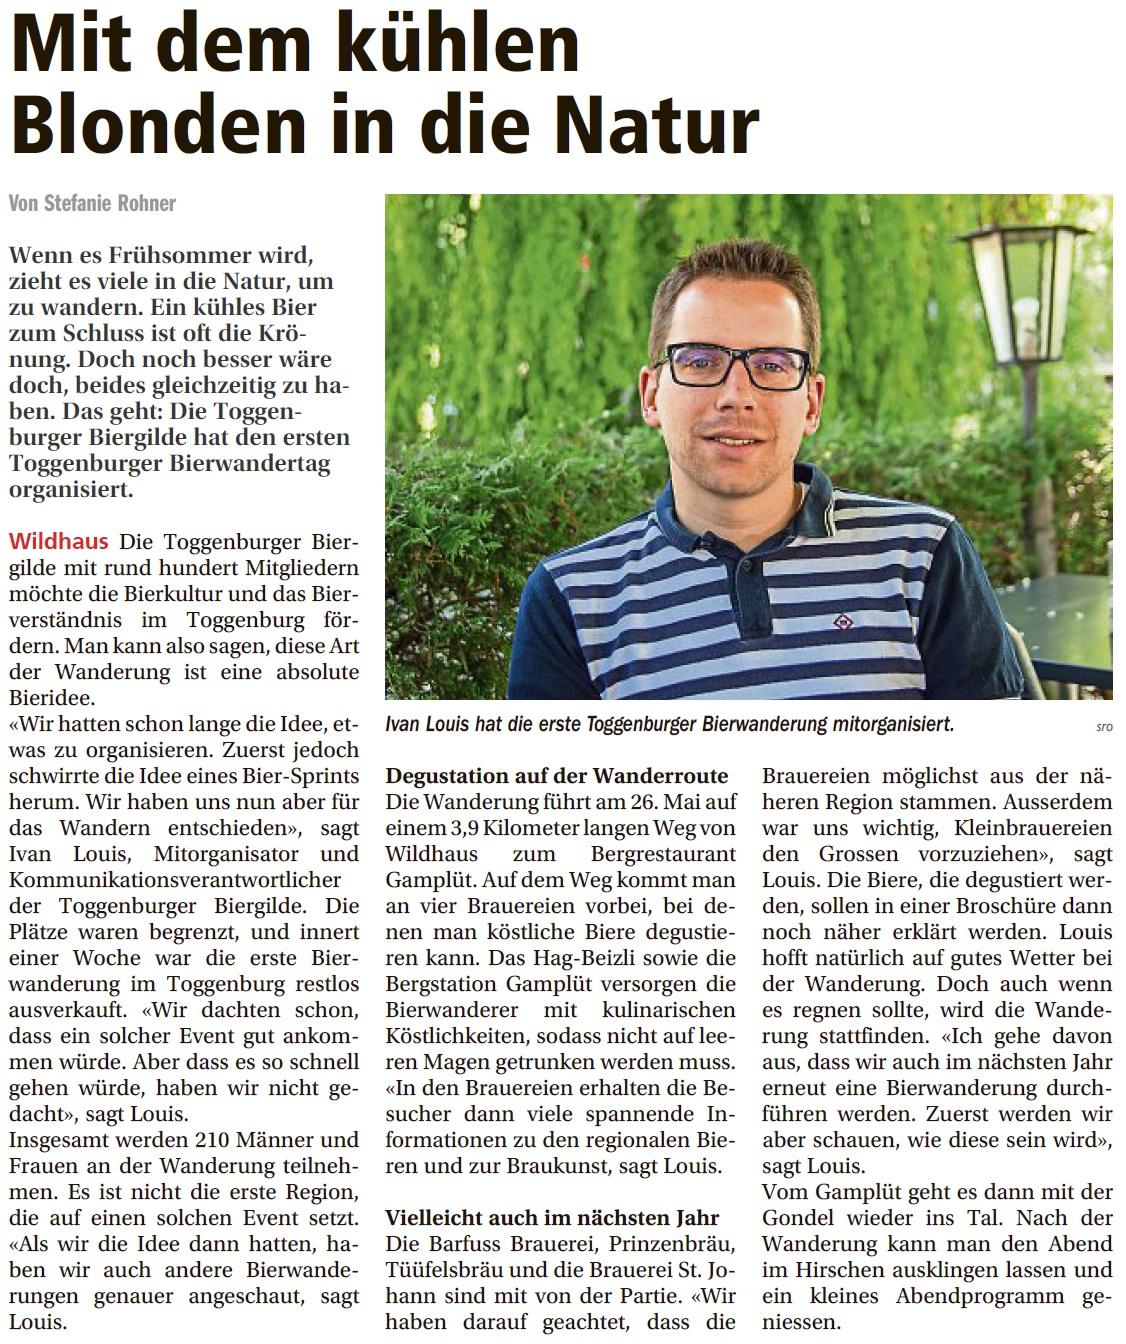 Mit dem kühlen Blonden in die Natur (Mittwoch, 16.05.2018)